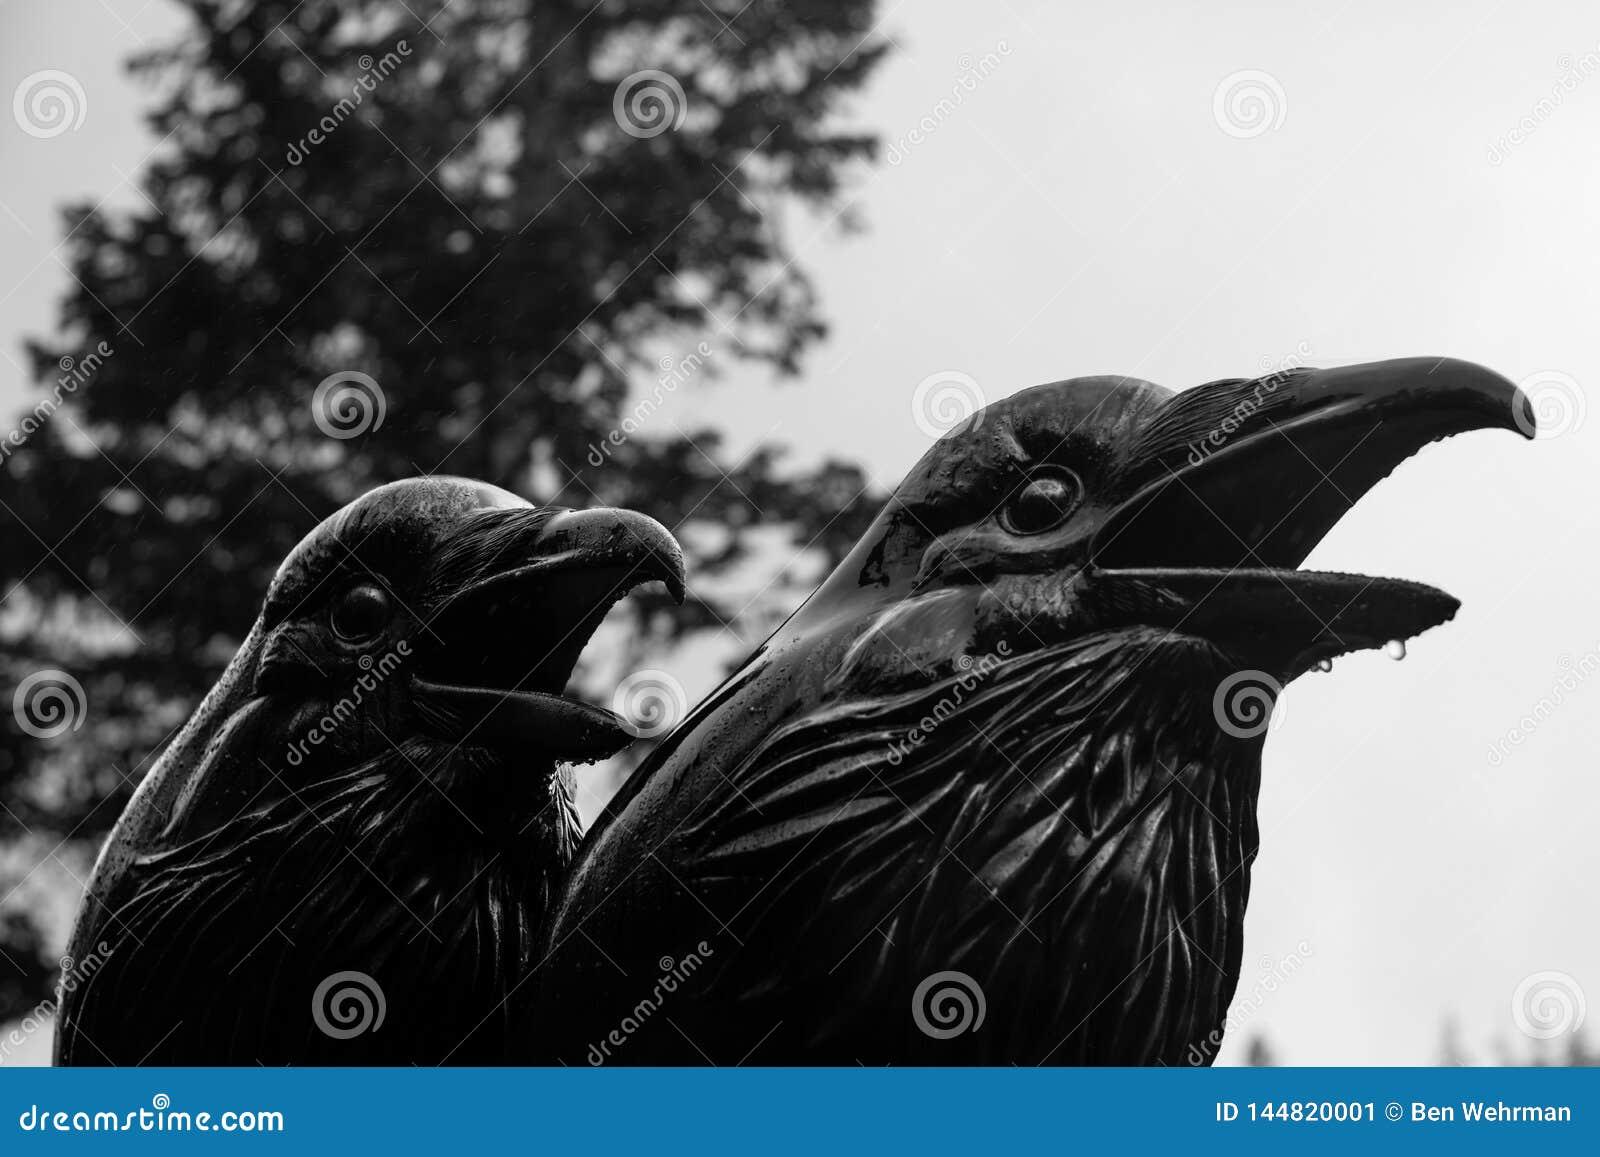 Krähe und Raven Statue